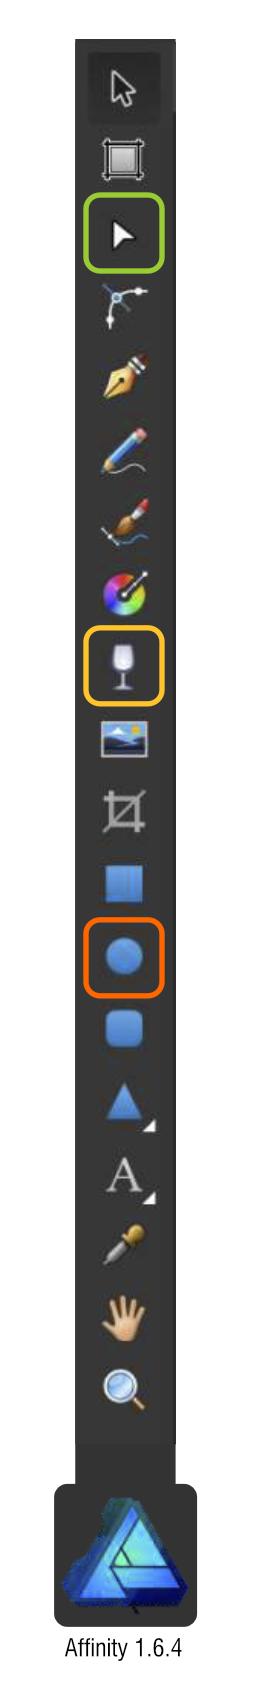 2Dgameartguru affinty toolbar